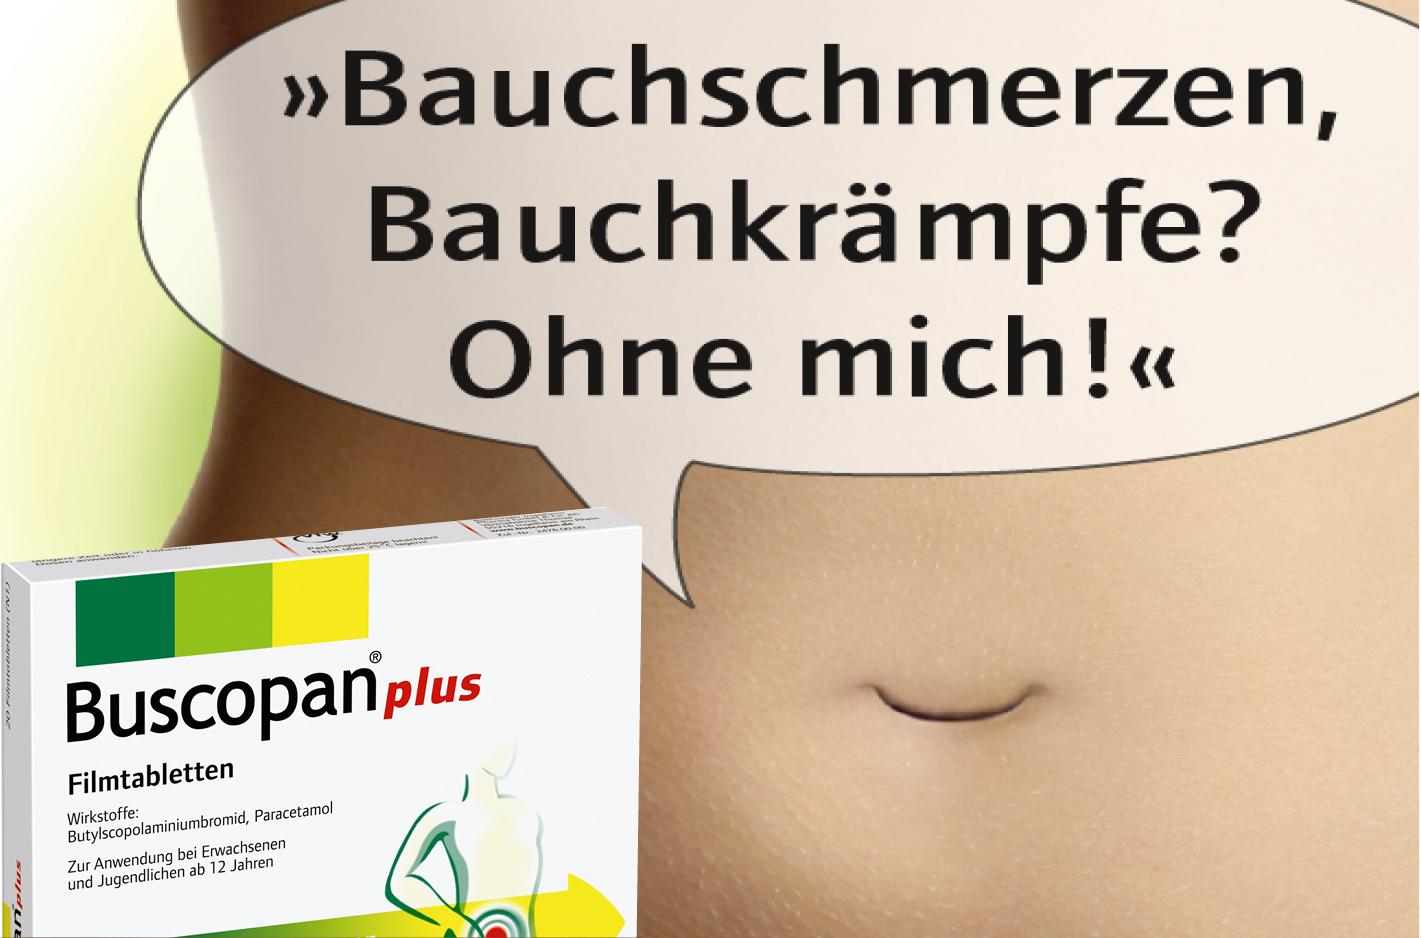 Boehringer Ingelheim – Buscopan Consumer-Anzeige